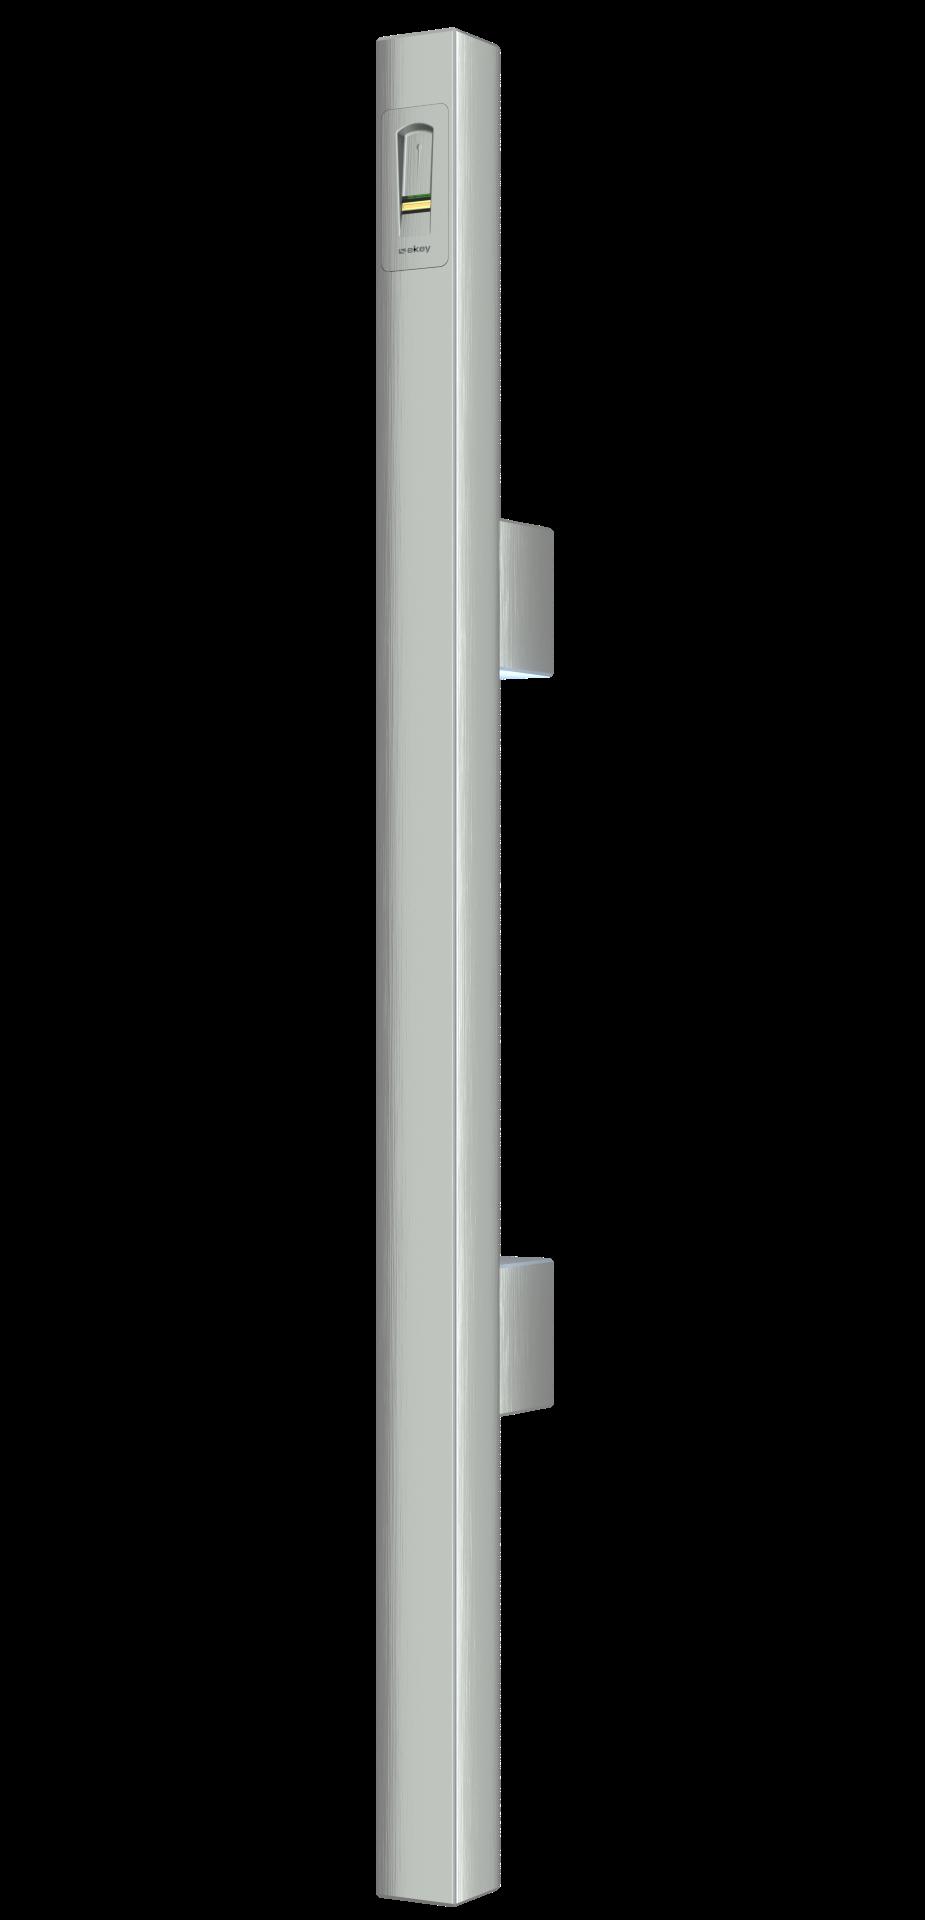 Griffingov ročaj GKV-CPO iz linije Prime Line-inox ročaji za vhodna vrata